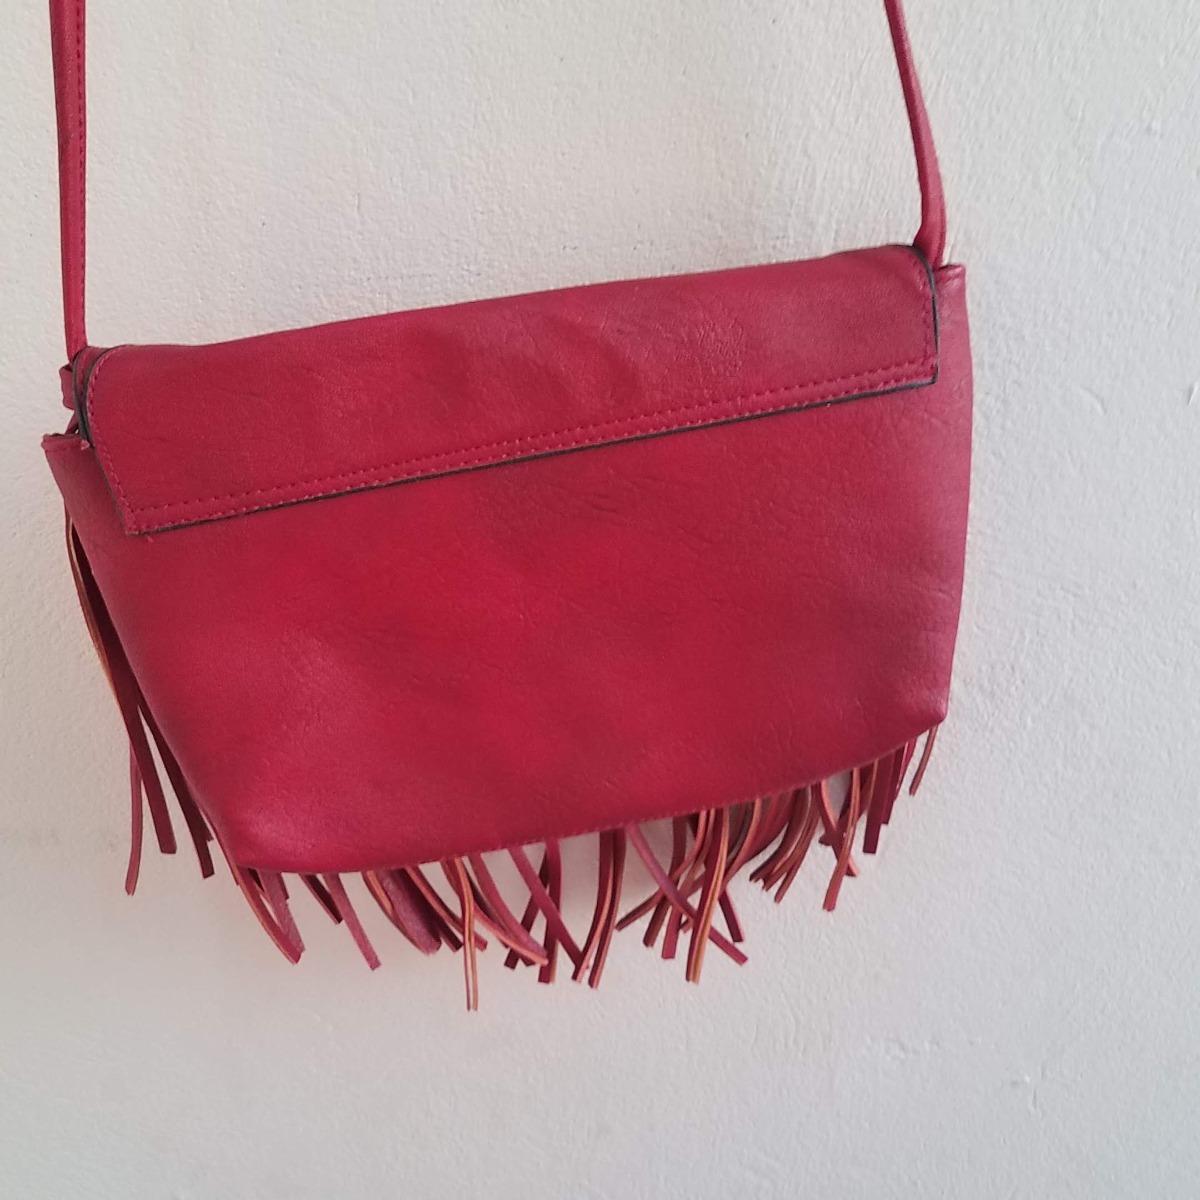 b00fd7054 bolsa transversal feminina com franja tam. pequena. couro. Carregando zoom.